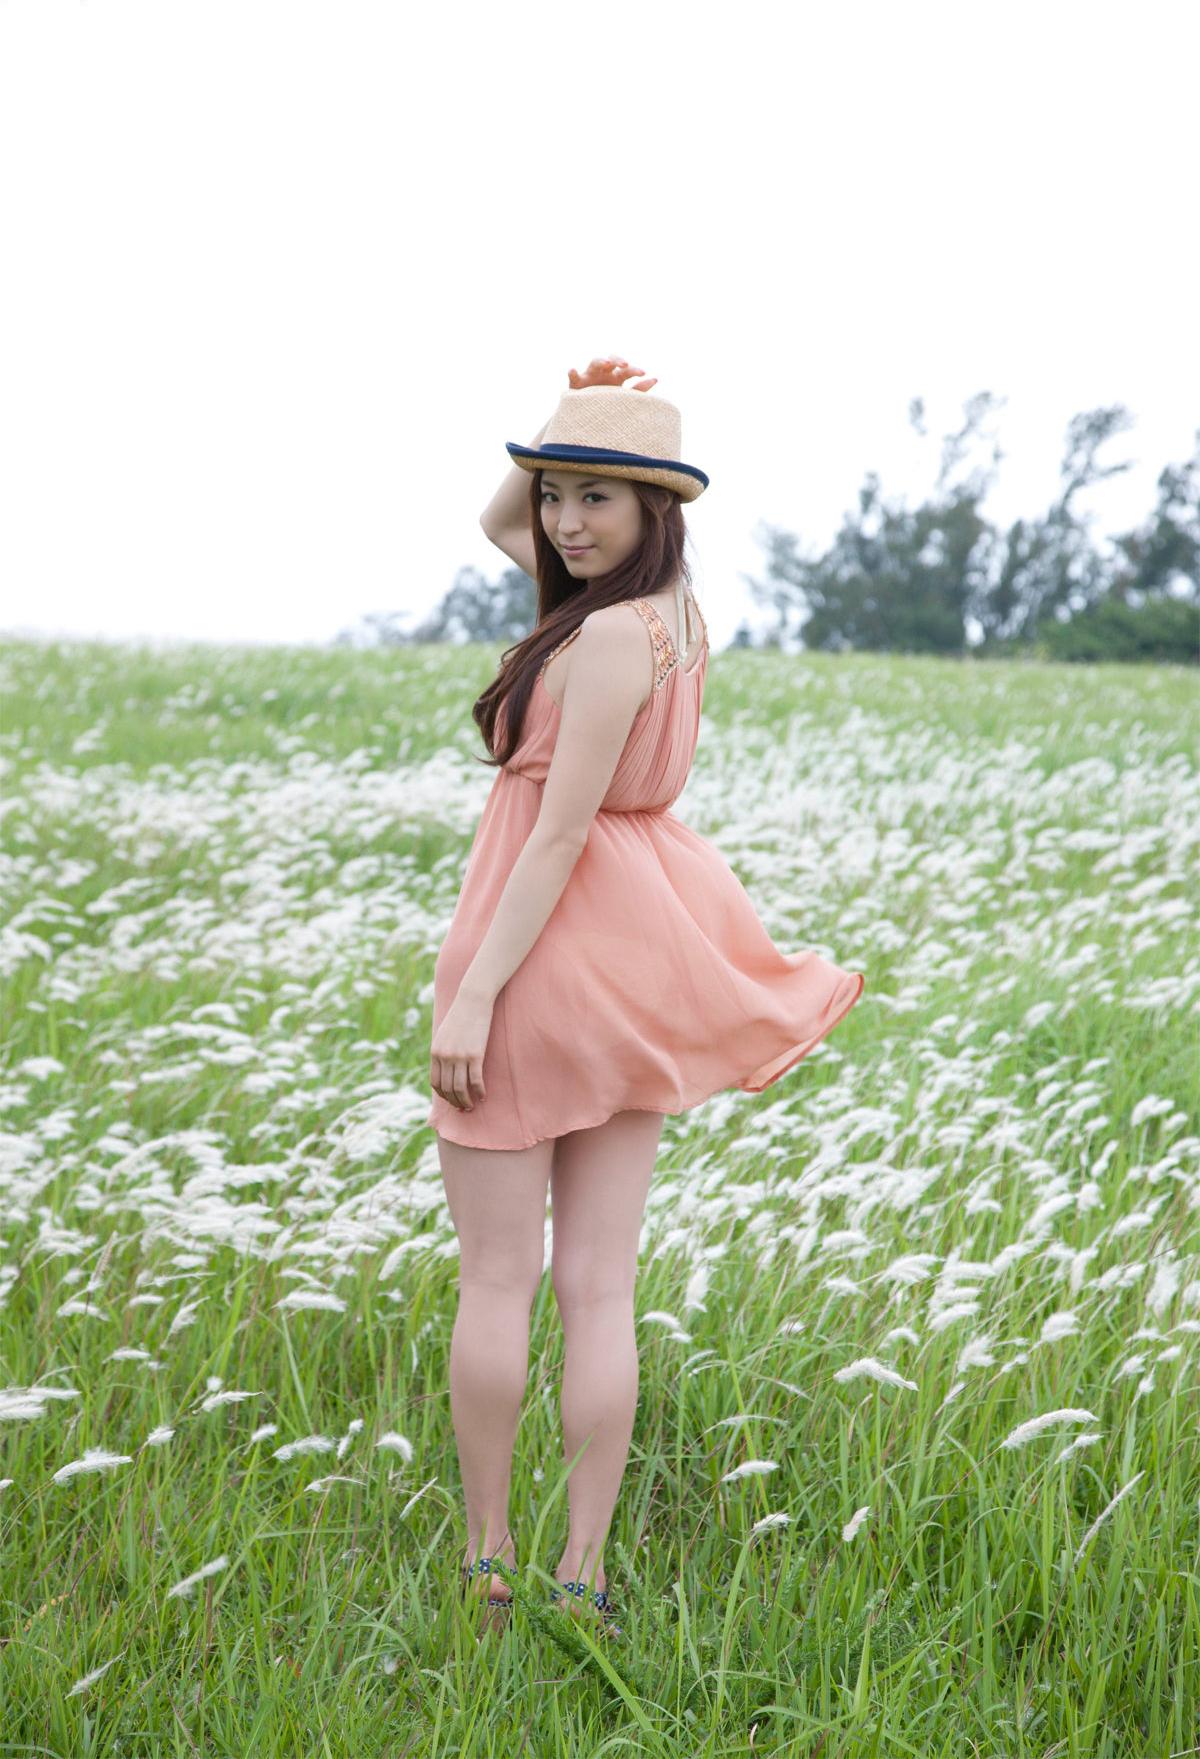 和田絵莉 画像 11